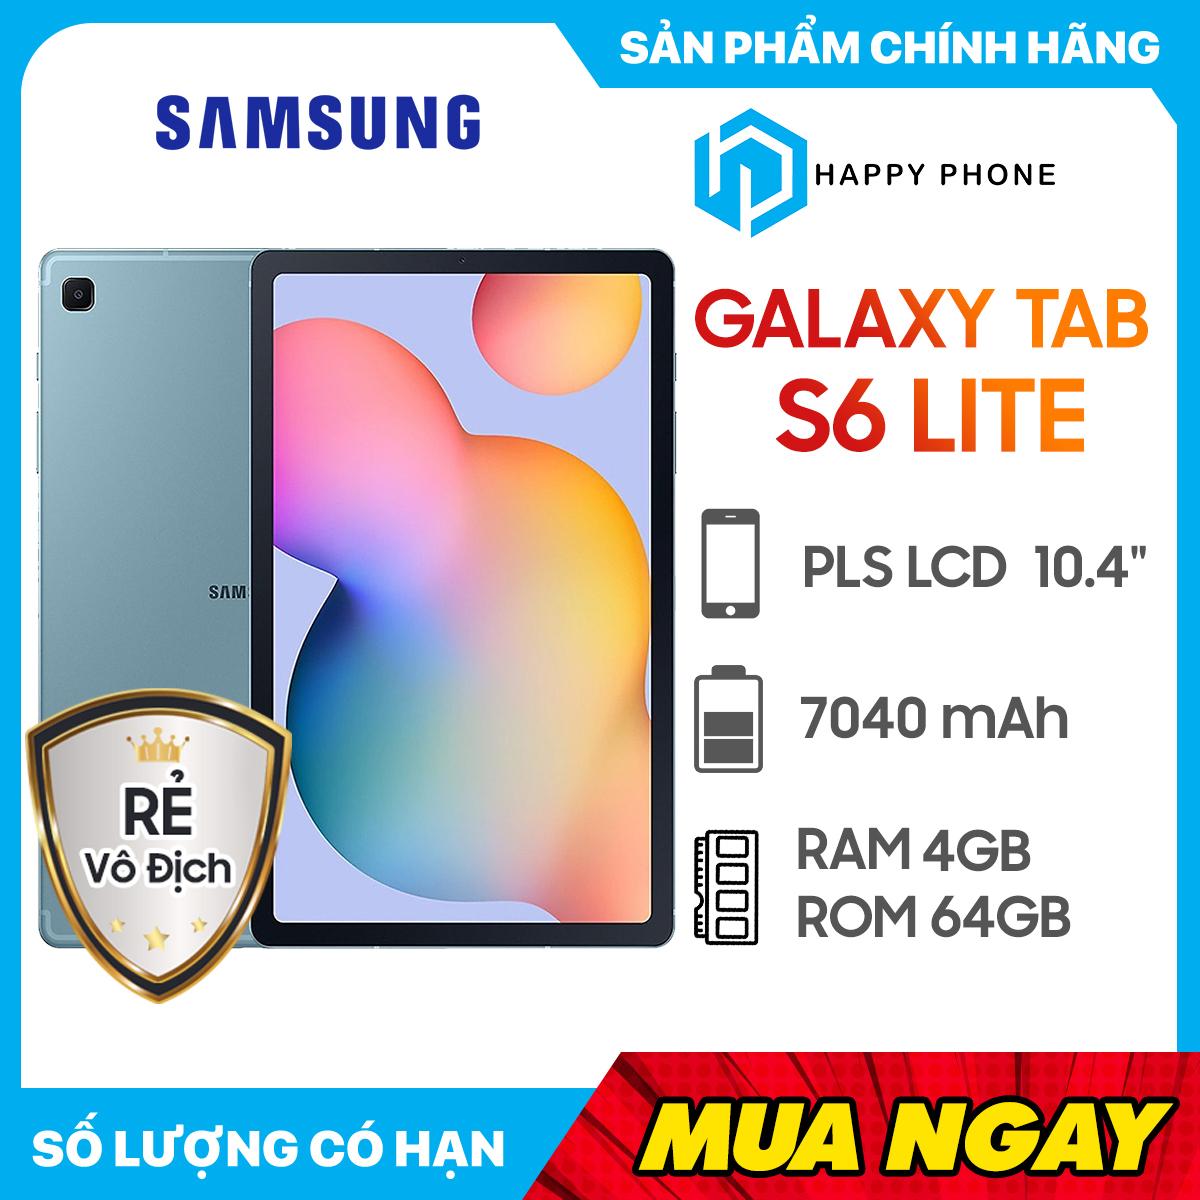 [Trả góp 0%] Máy Tính Bảng Samsung Galaxy Tab S6 Lite (4GB/64GB) - Hàng Chính Hãng, Mới 100%, Nguyên Seal...